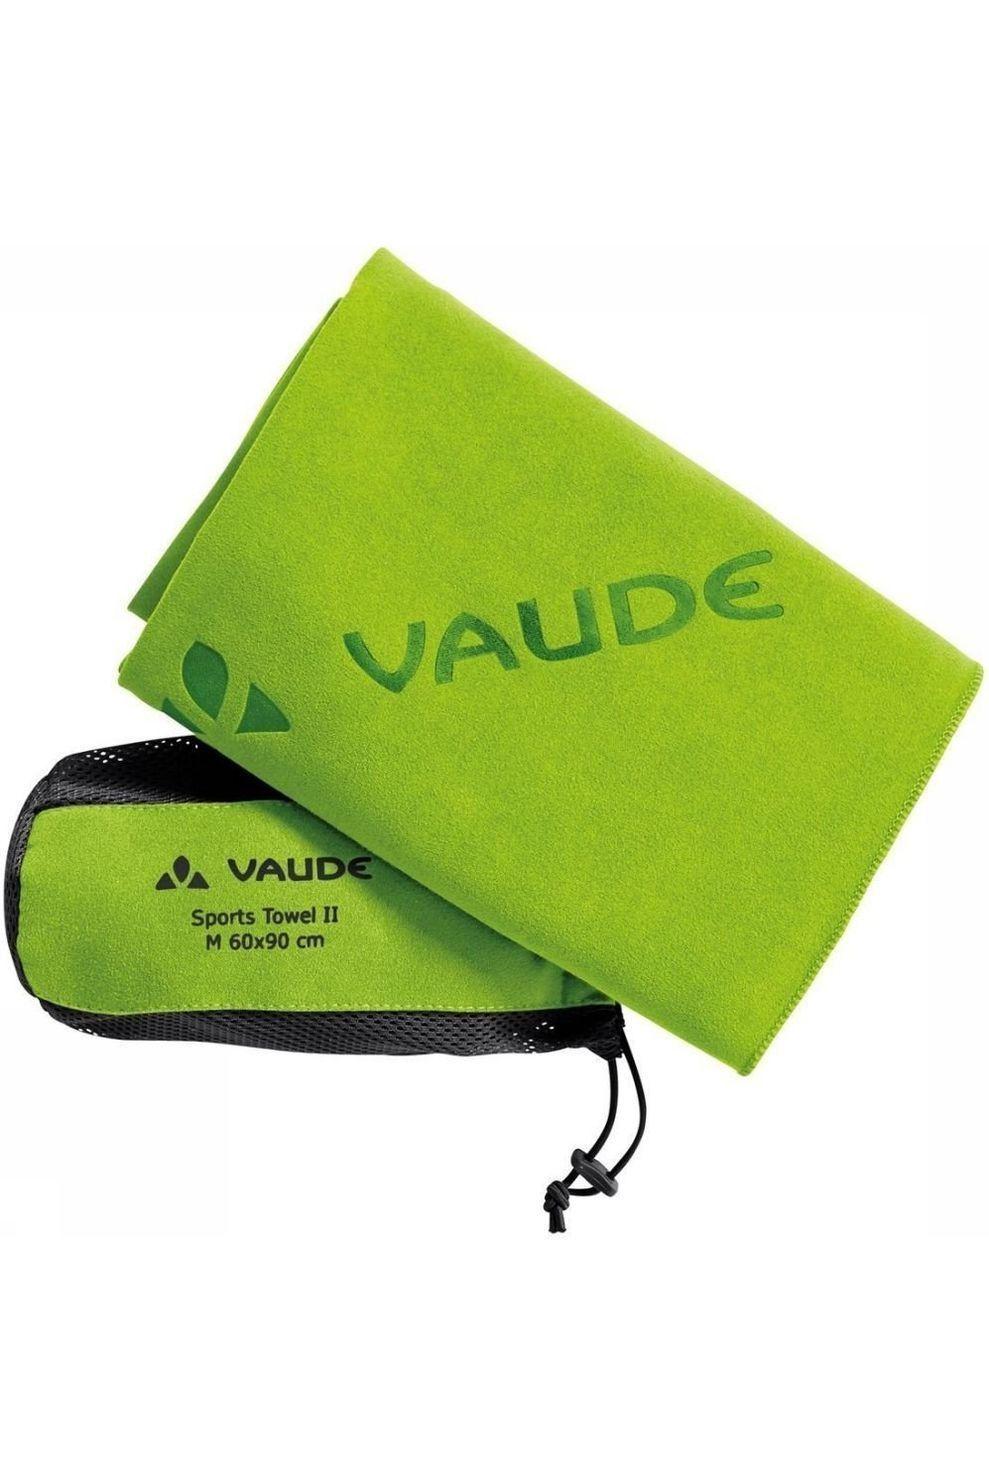 VAUDE Handdoek Sports Towel II S - Groen